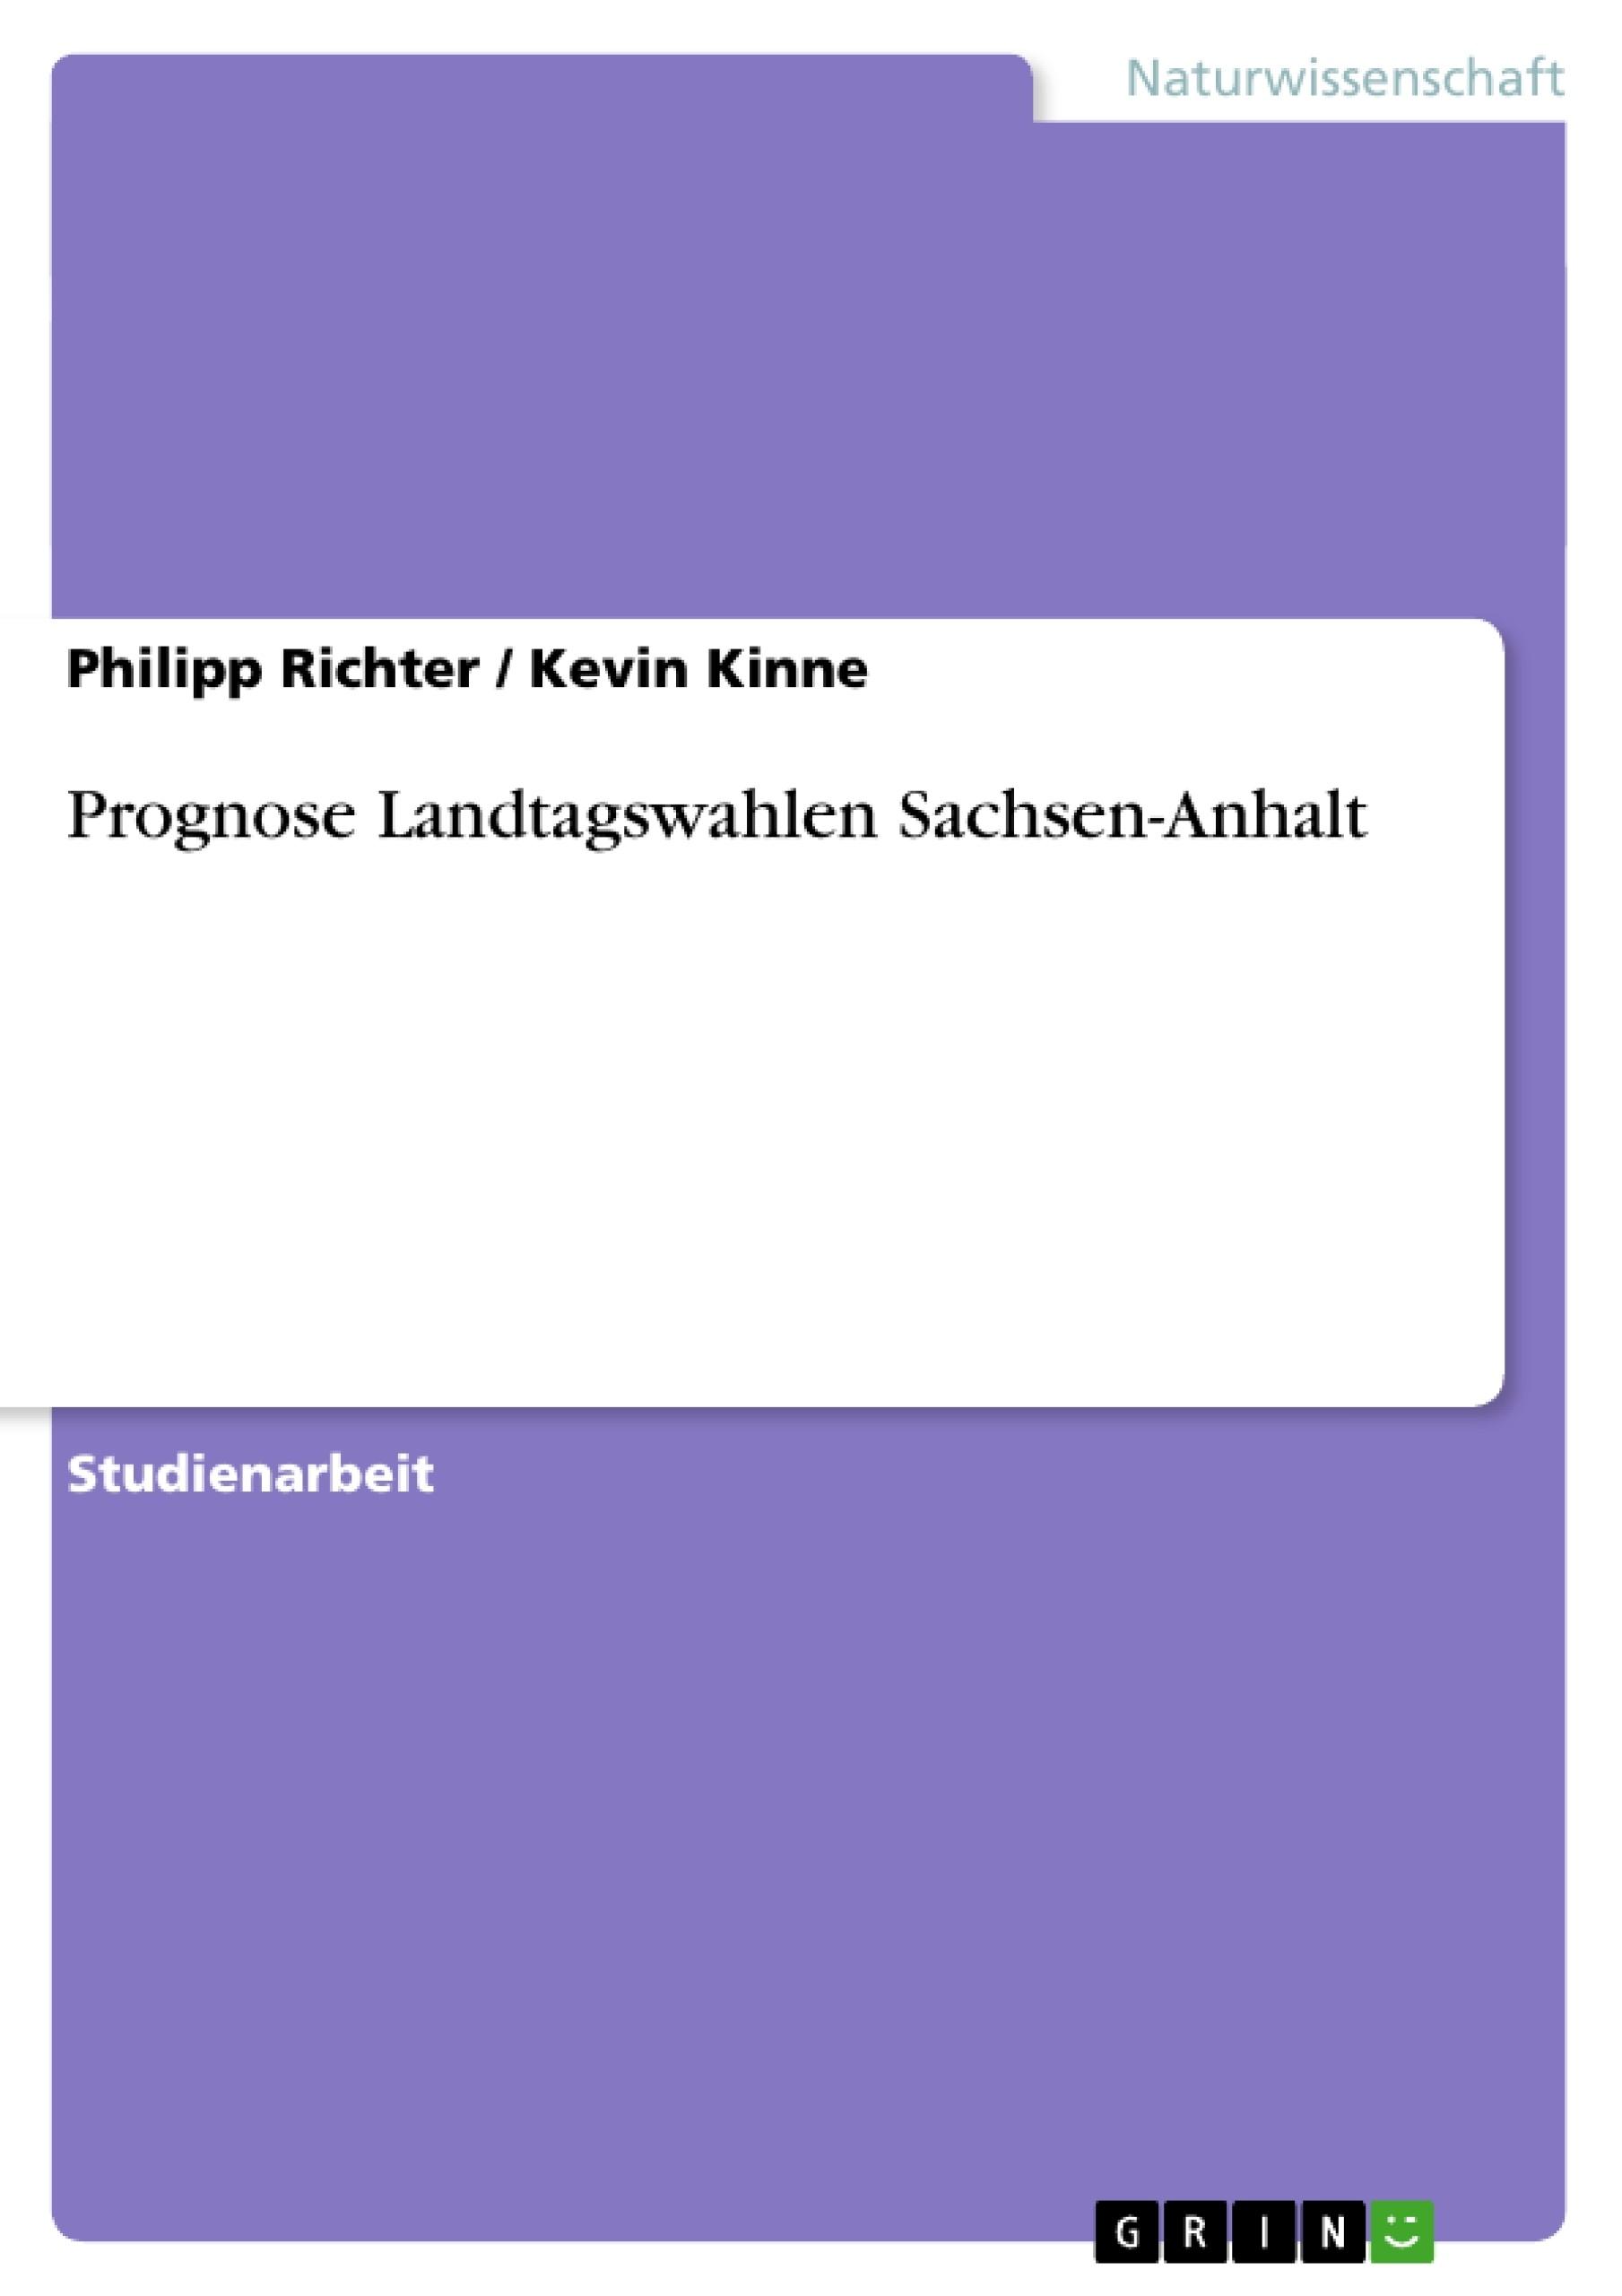 Titel: Prognose Landtagswahlen Sachsen-Anhalt